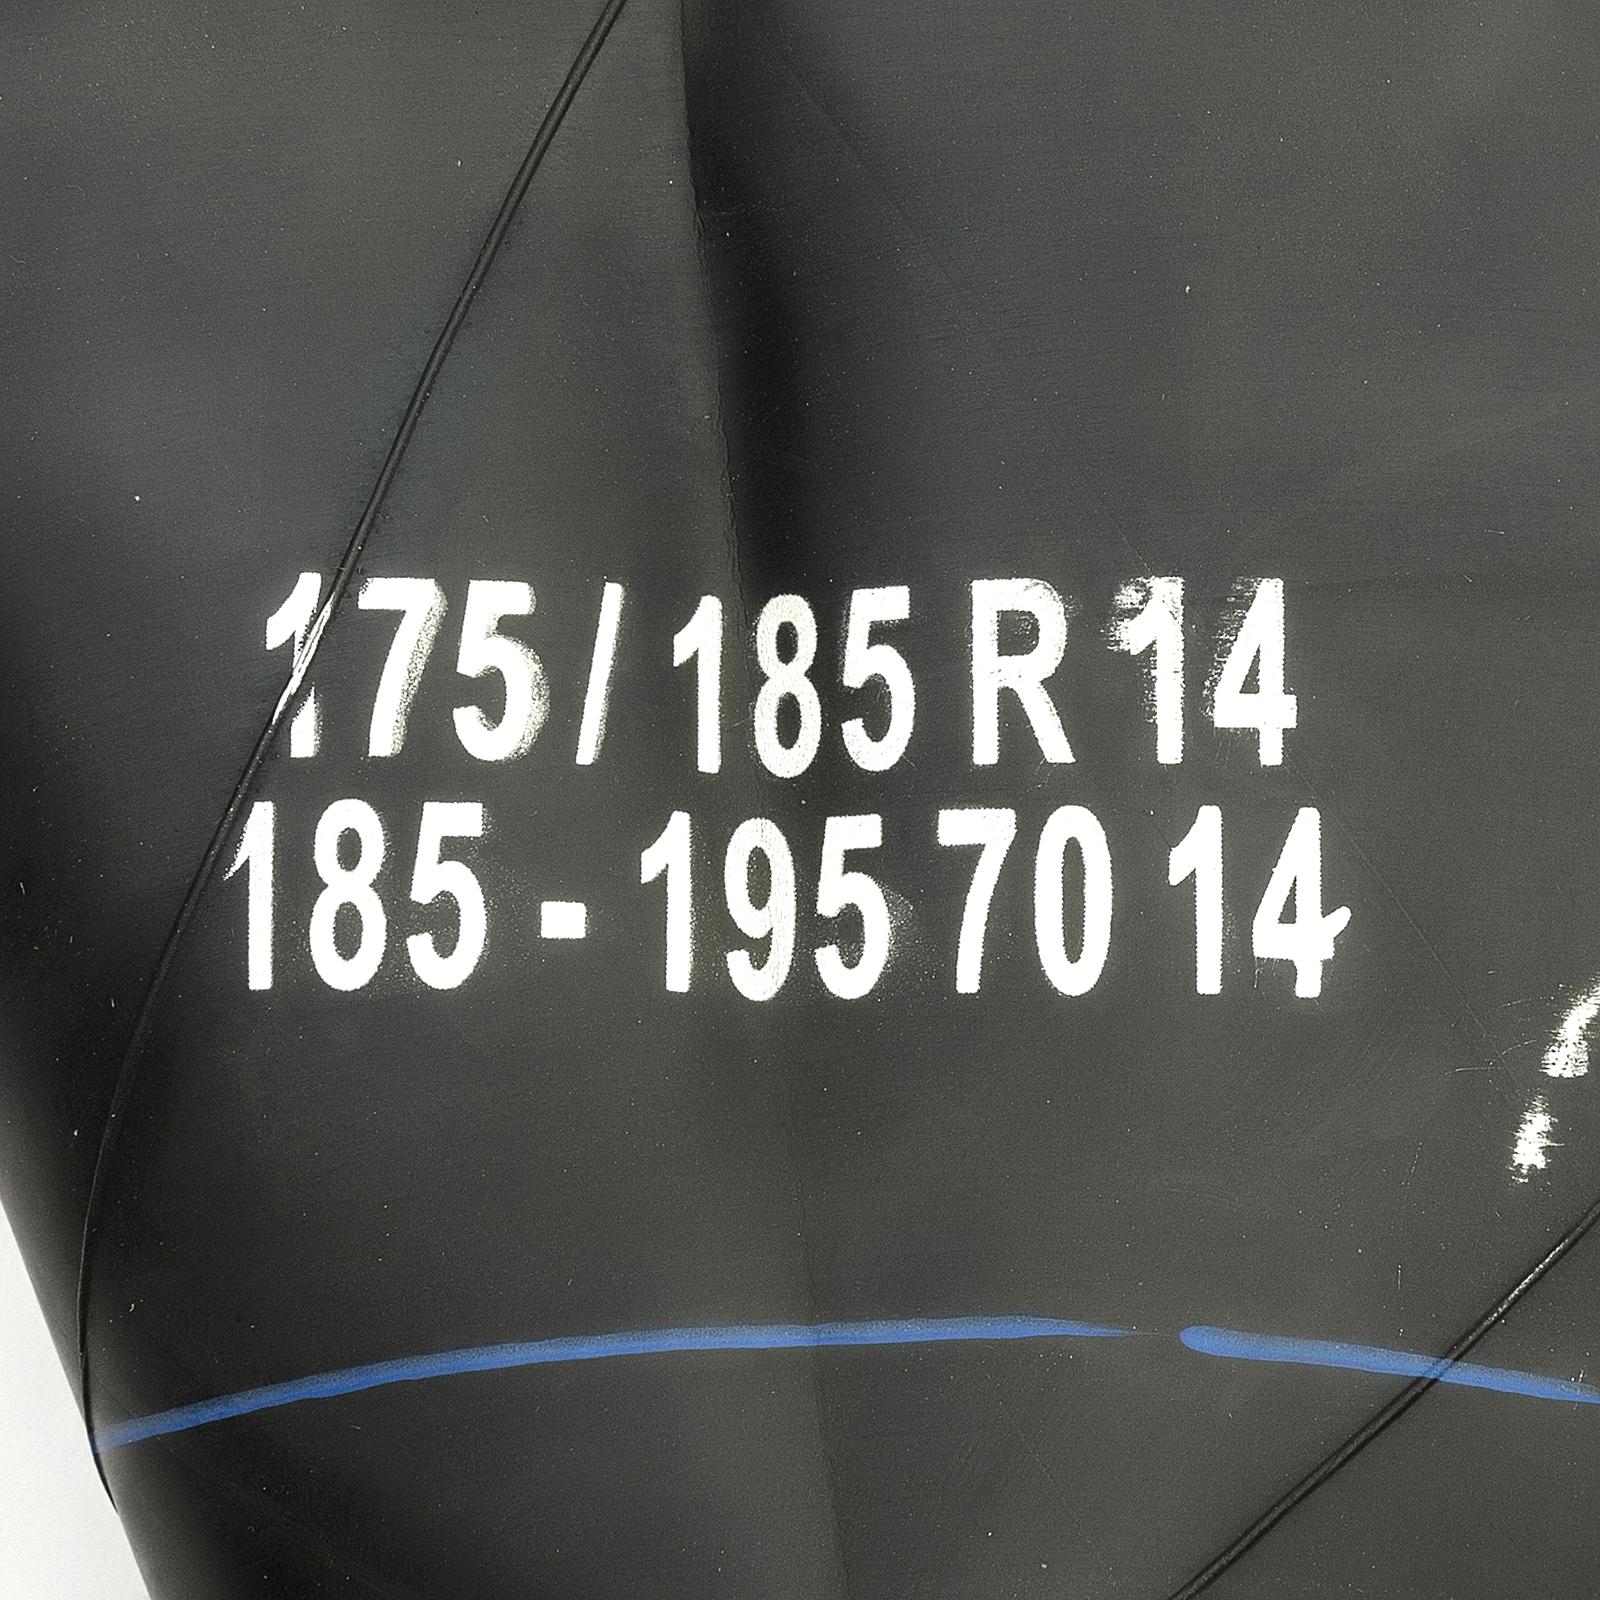 14 39 39 auto rad reifen innenschlauch 175 70 r14 185 70 r14. Black Bedroom Furniture Sets. Home Design Ideas